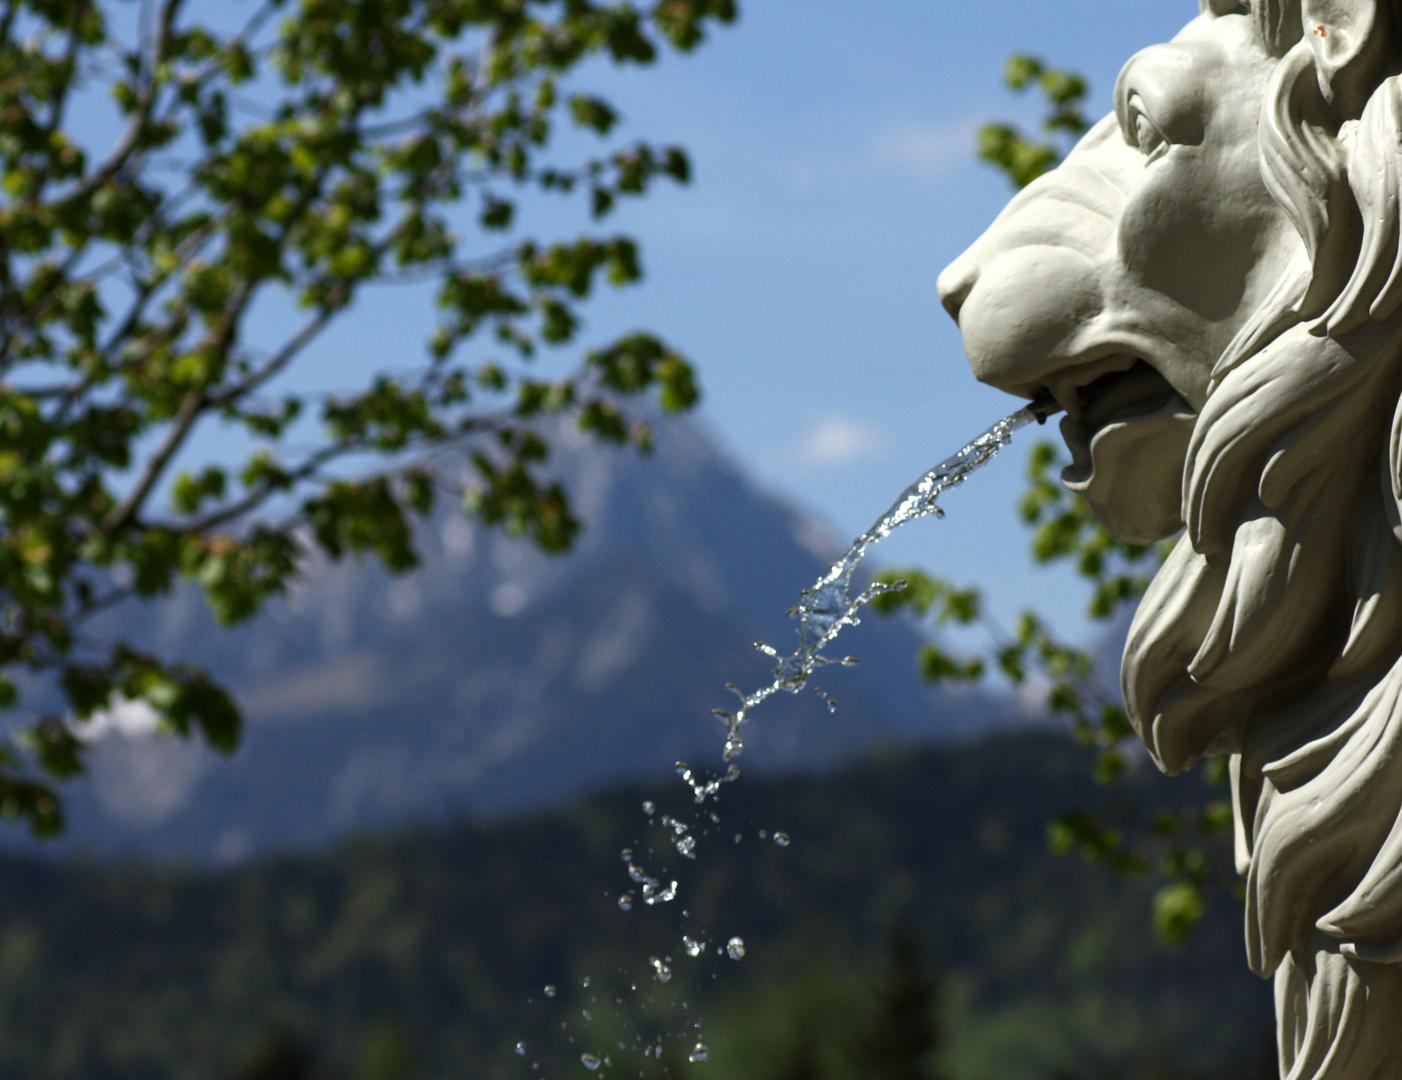 wasserspuckender Löwe